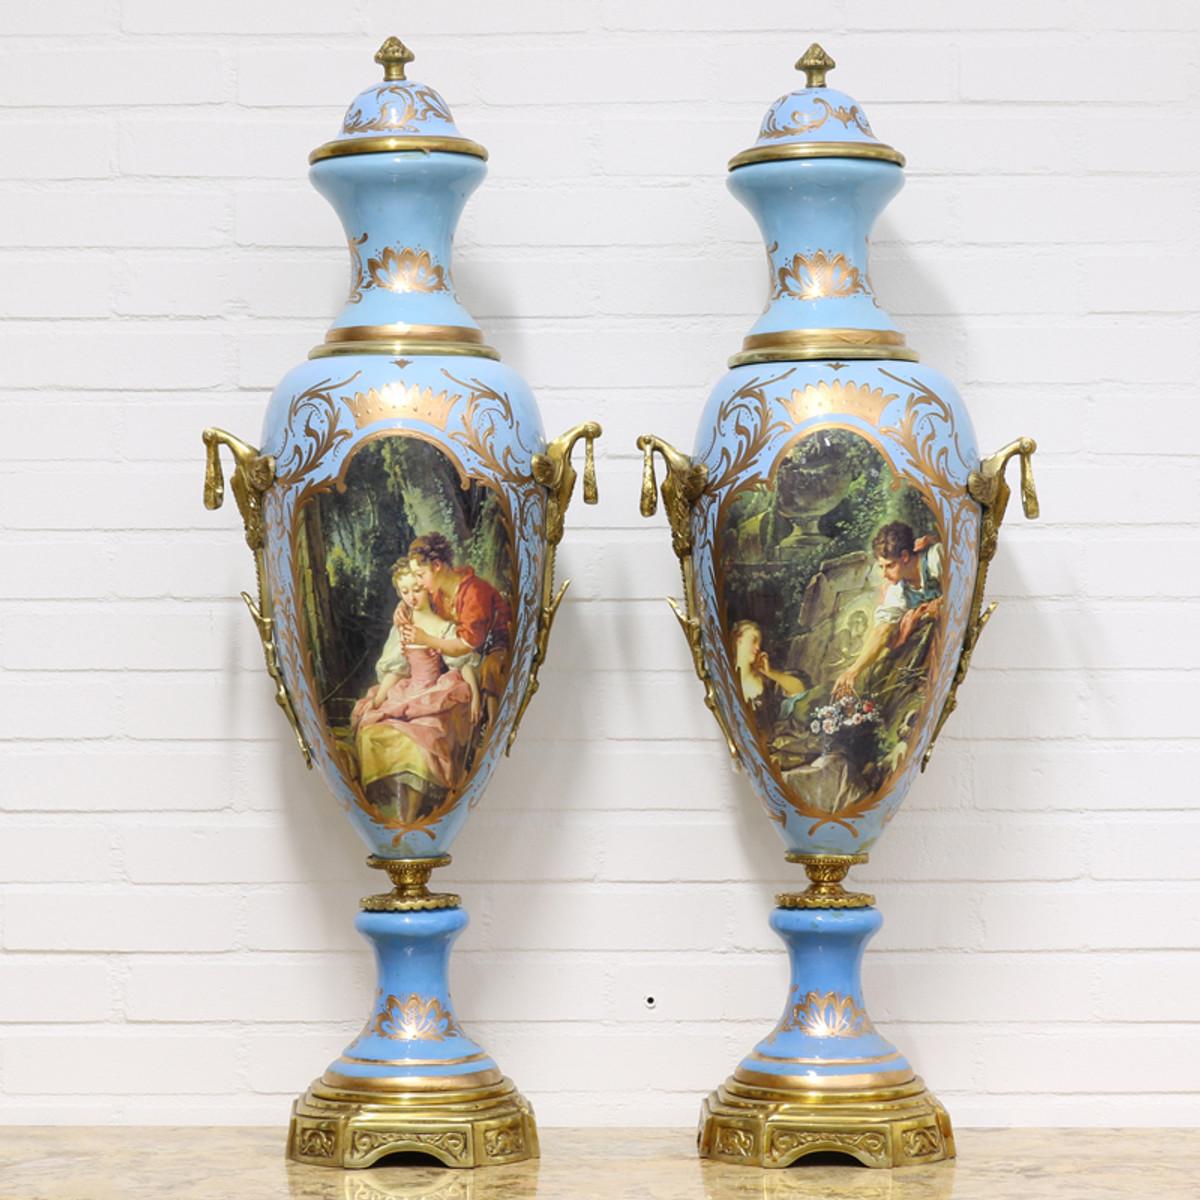 Casa Padrino Luxus Porzellan Vasen Set Hellblau / Gold 30 x H. 100 cm - Dekorationen im Barockstil 1